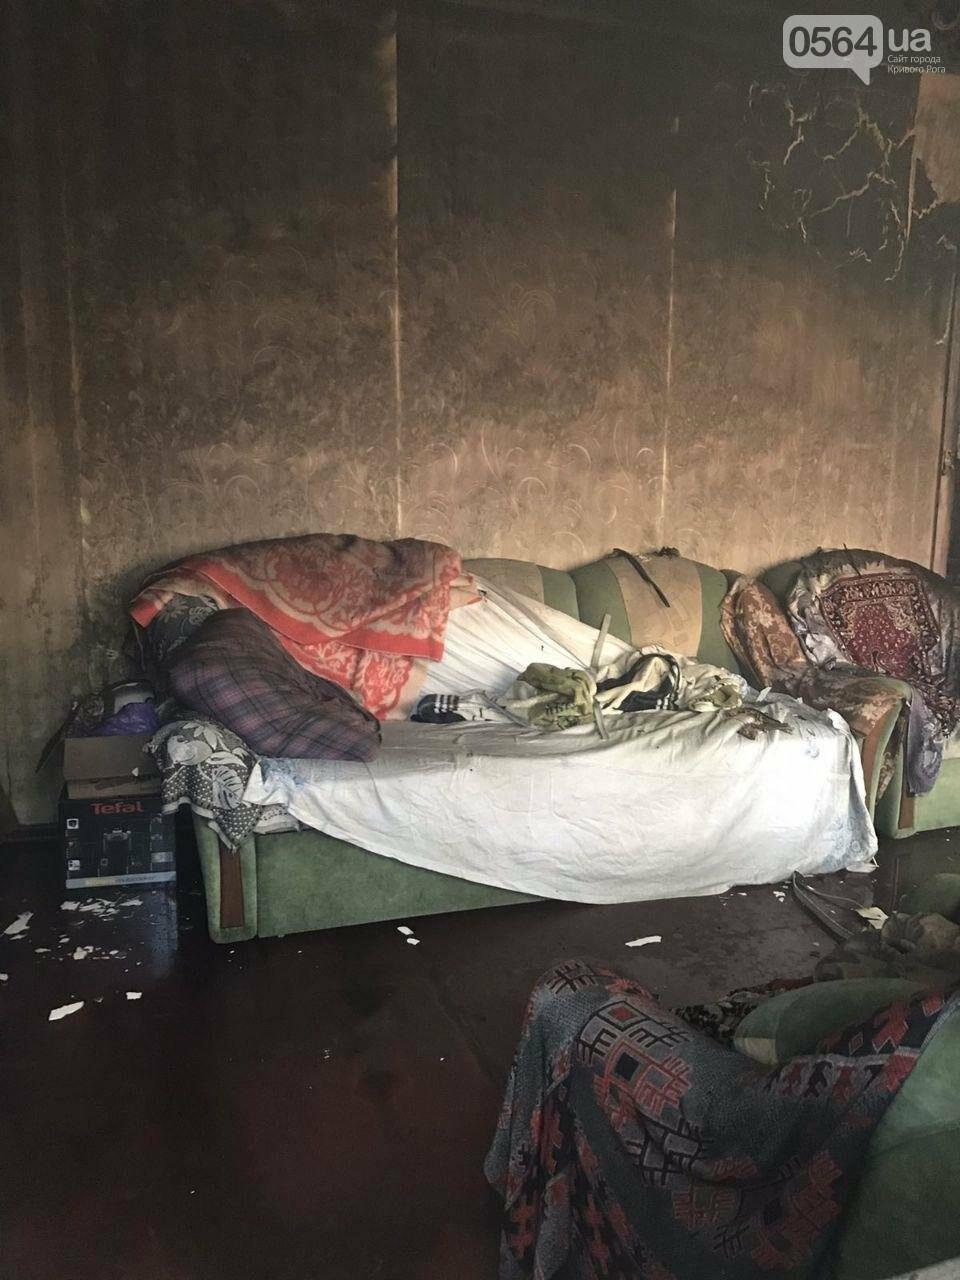 Из горящего дома криворожские спасатели эвакуировали 89-летнюю женщину, фото-6